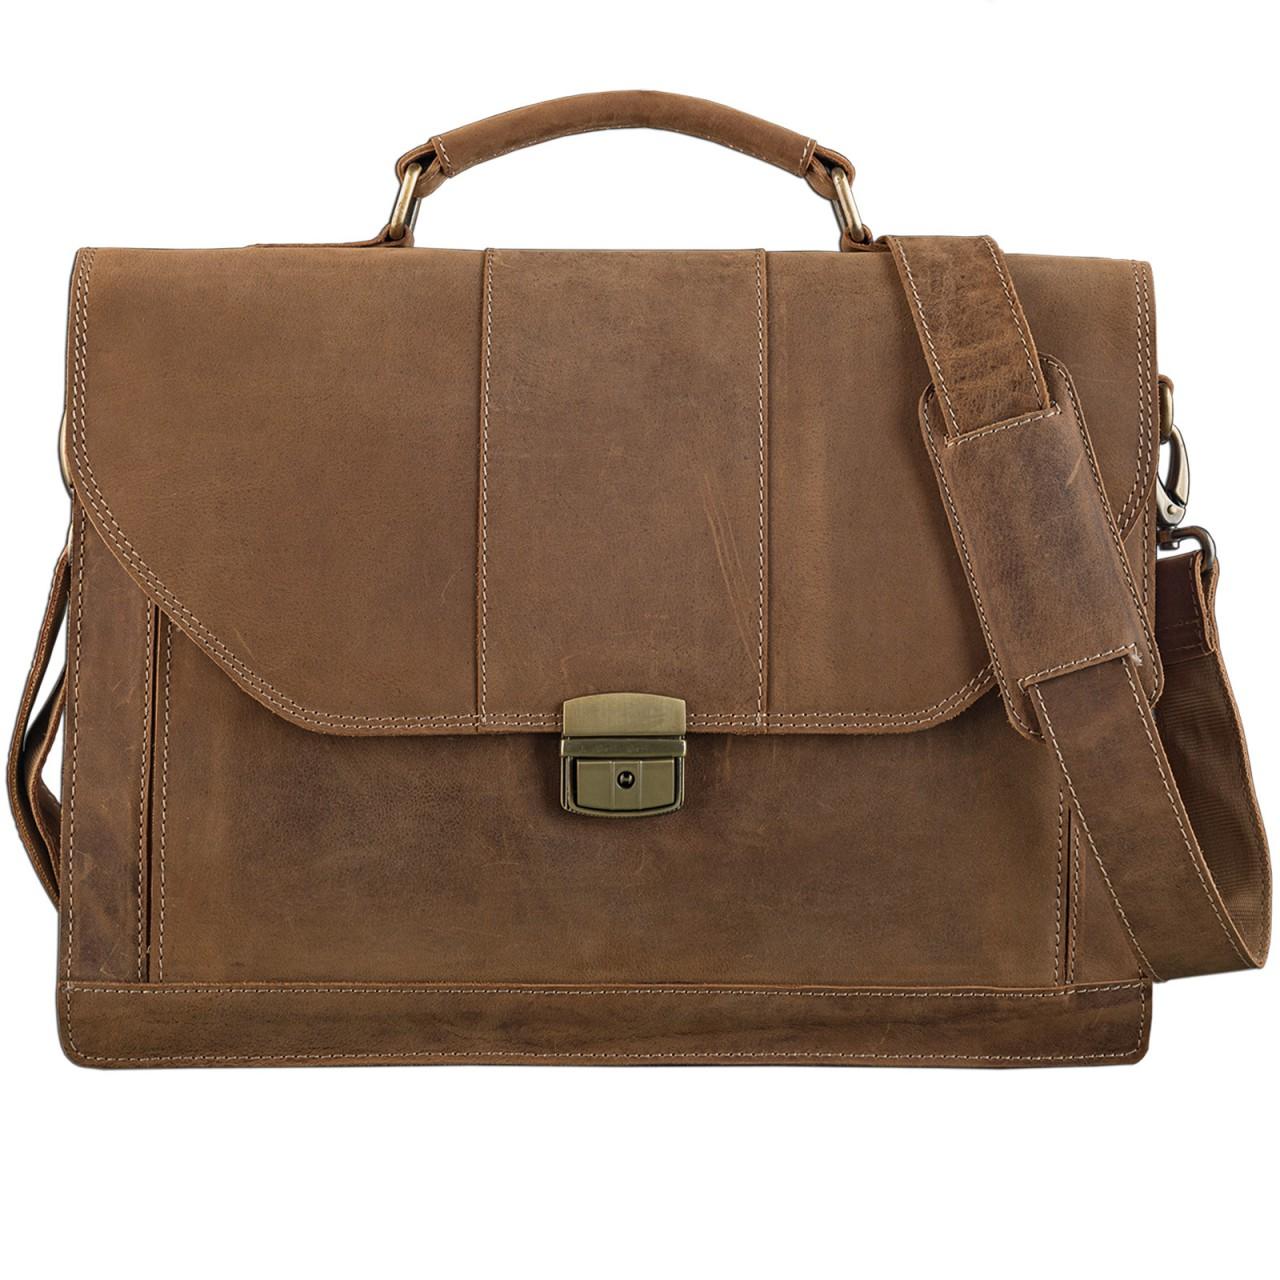 STILORD elegante Vintage Business Tasche Büro Freizeit Uni Studium aus echtem Leder mit Schloss und Tablet Fach Rinds Leder Braun - Bild 2